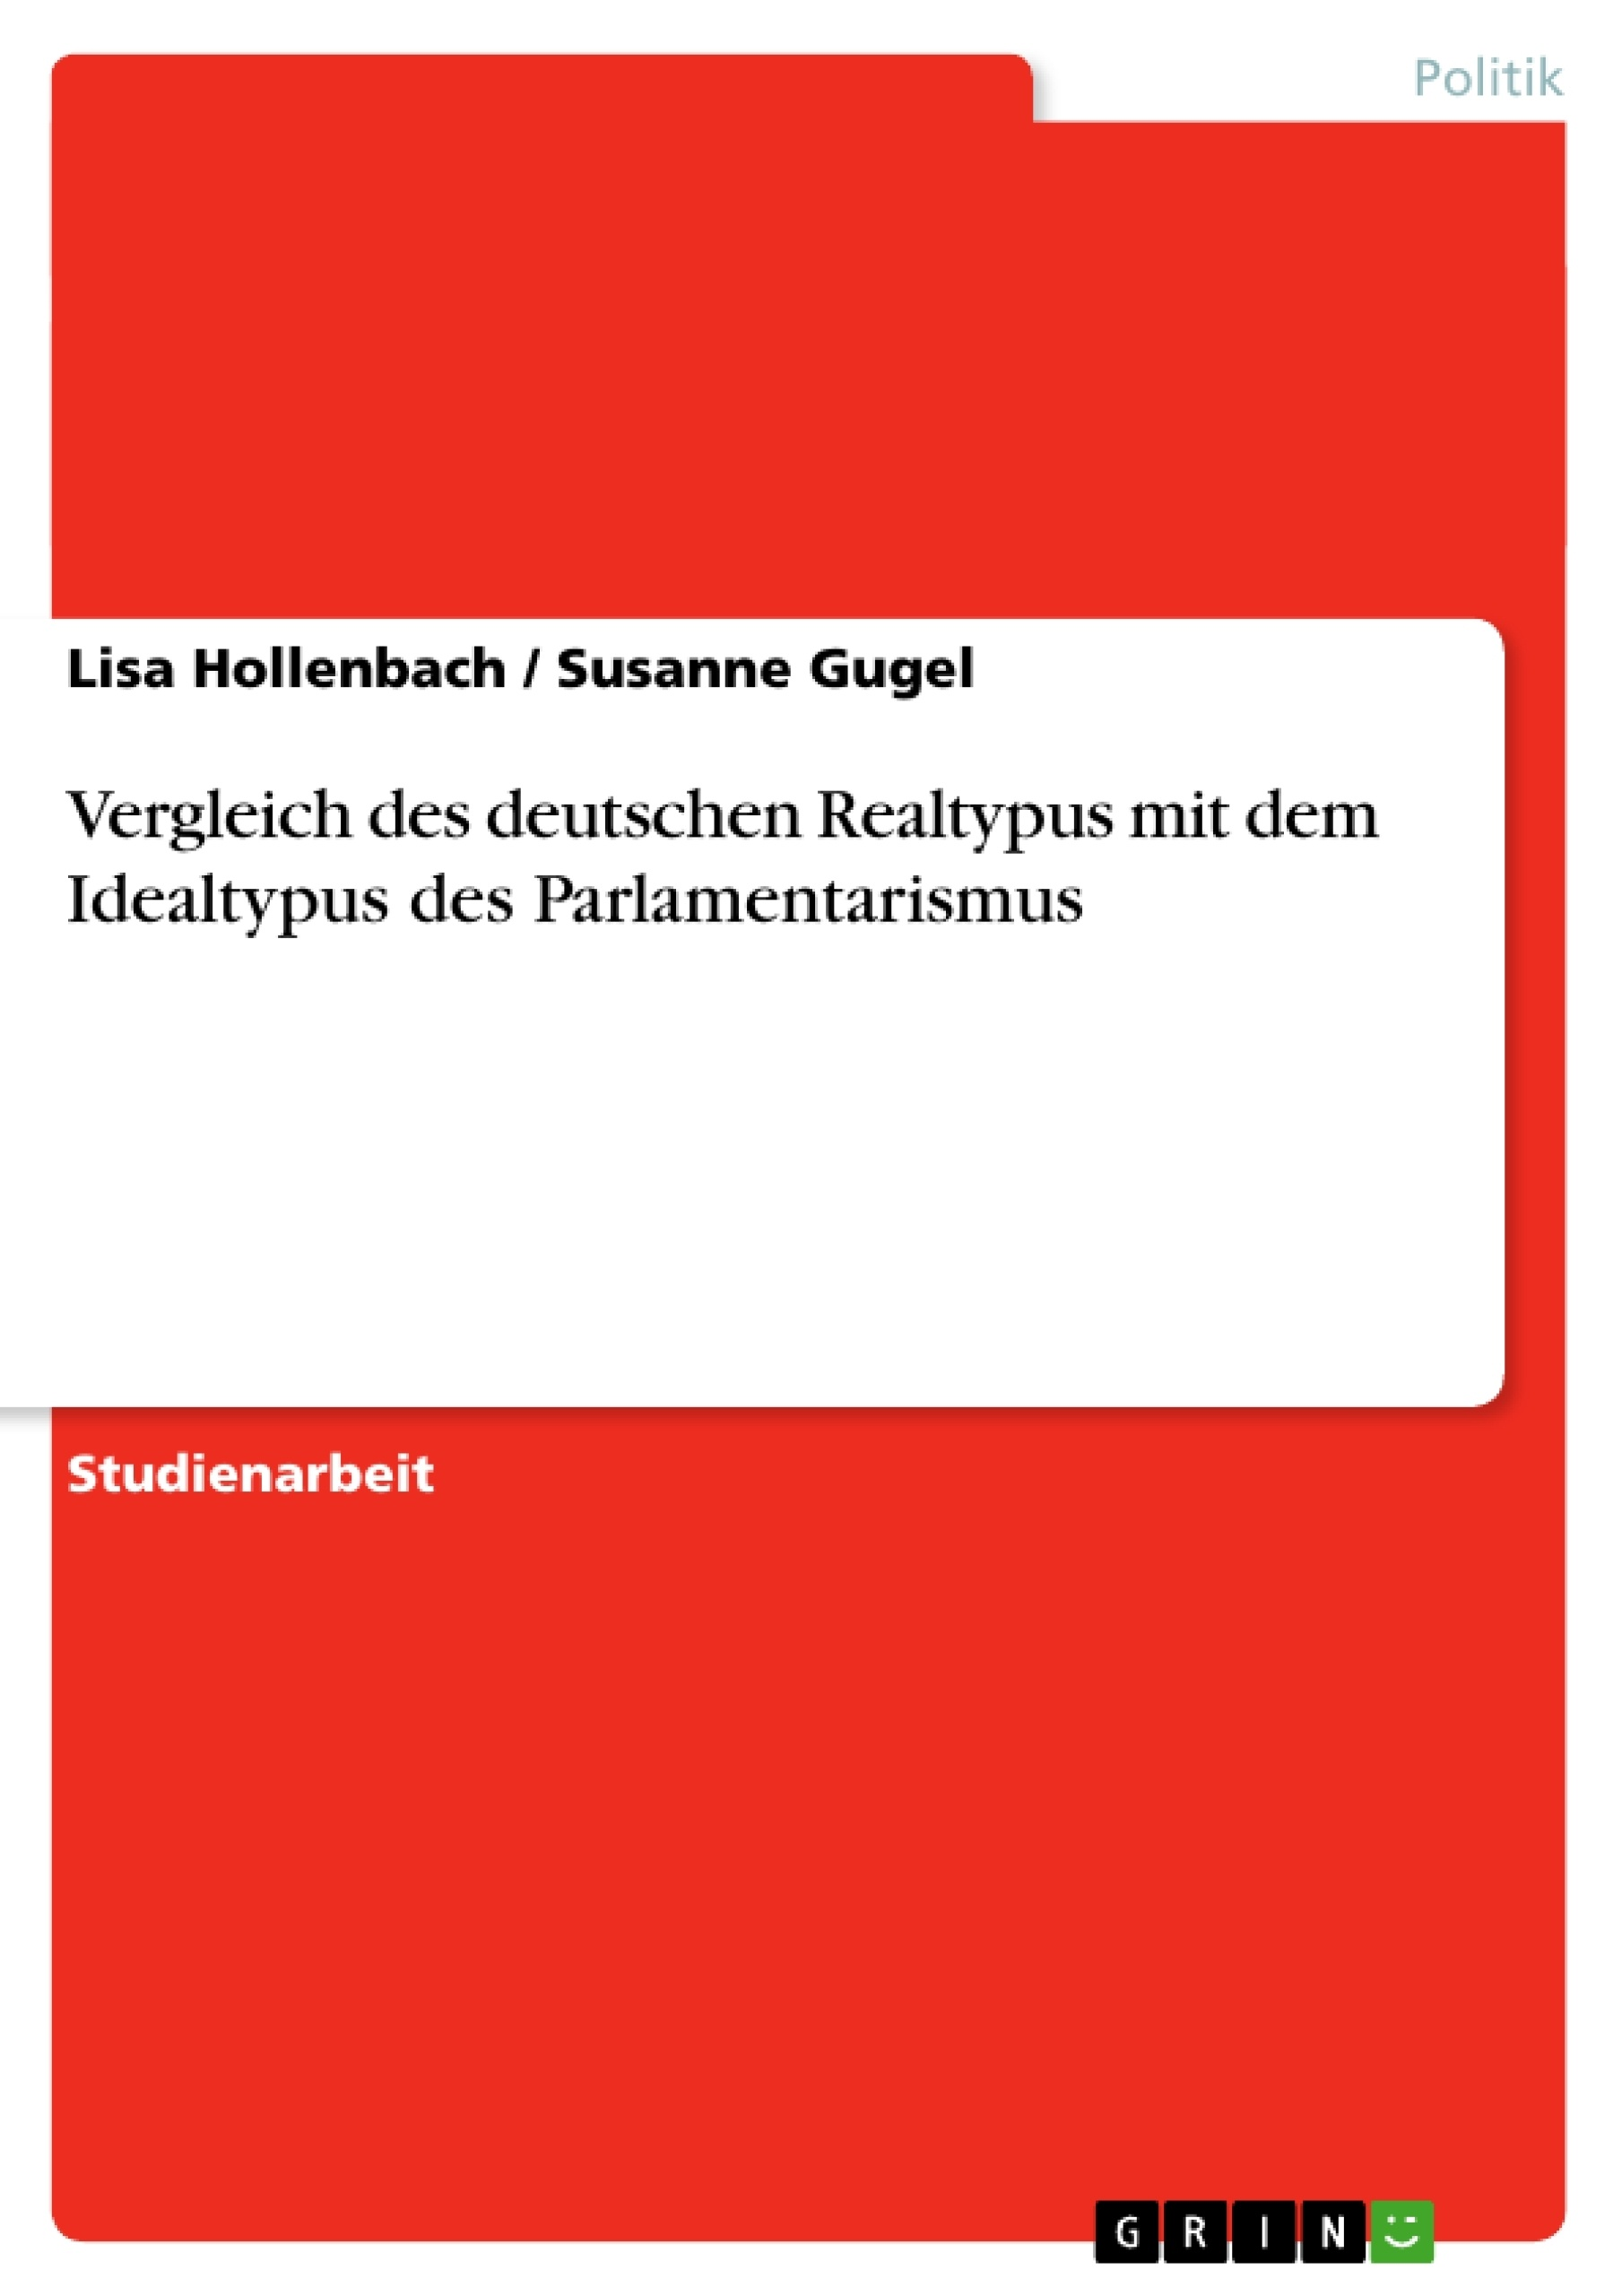 Titel: Vergleich des deutschen Realtypus mit dem Idealtypus des Parlamentarismus